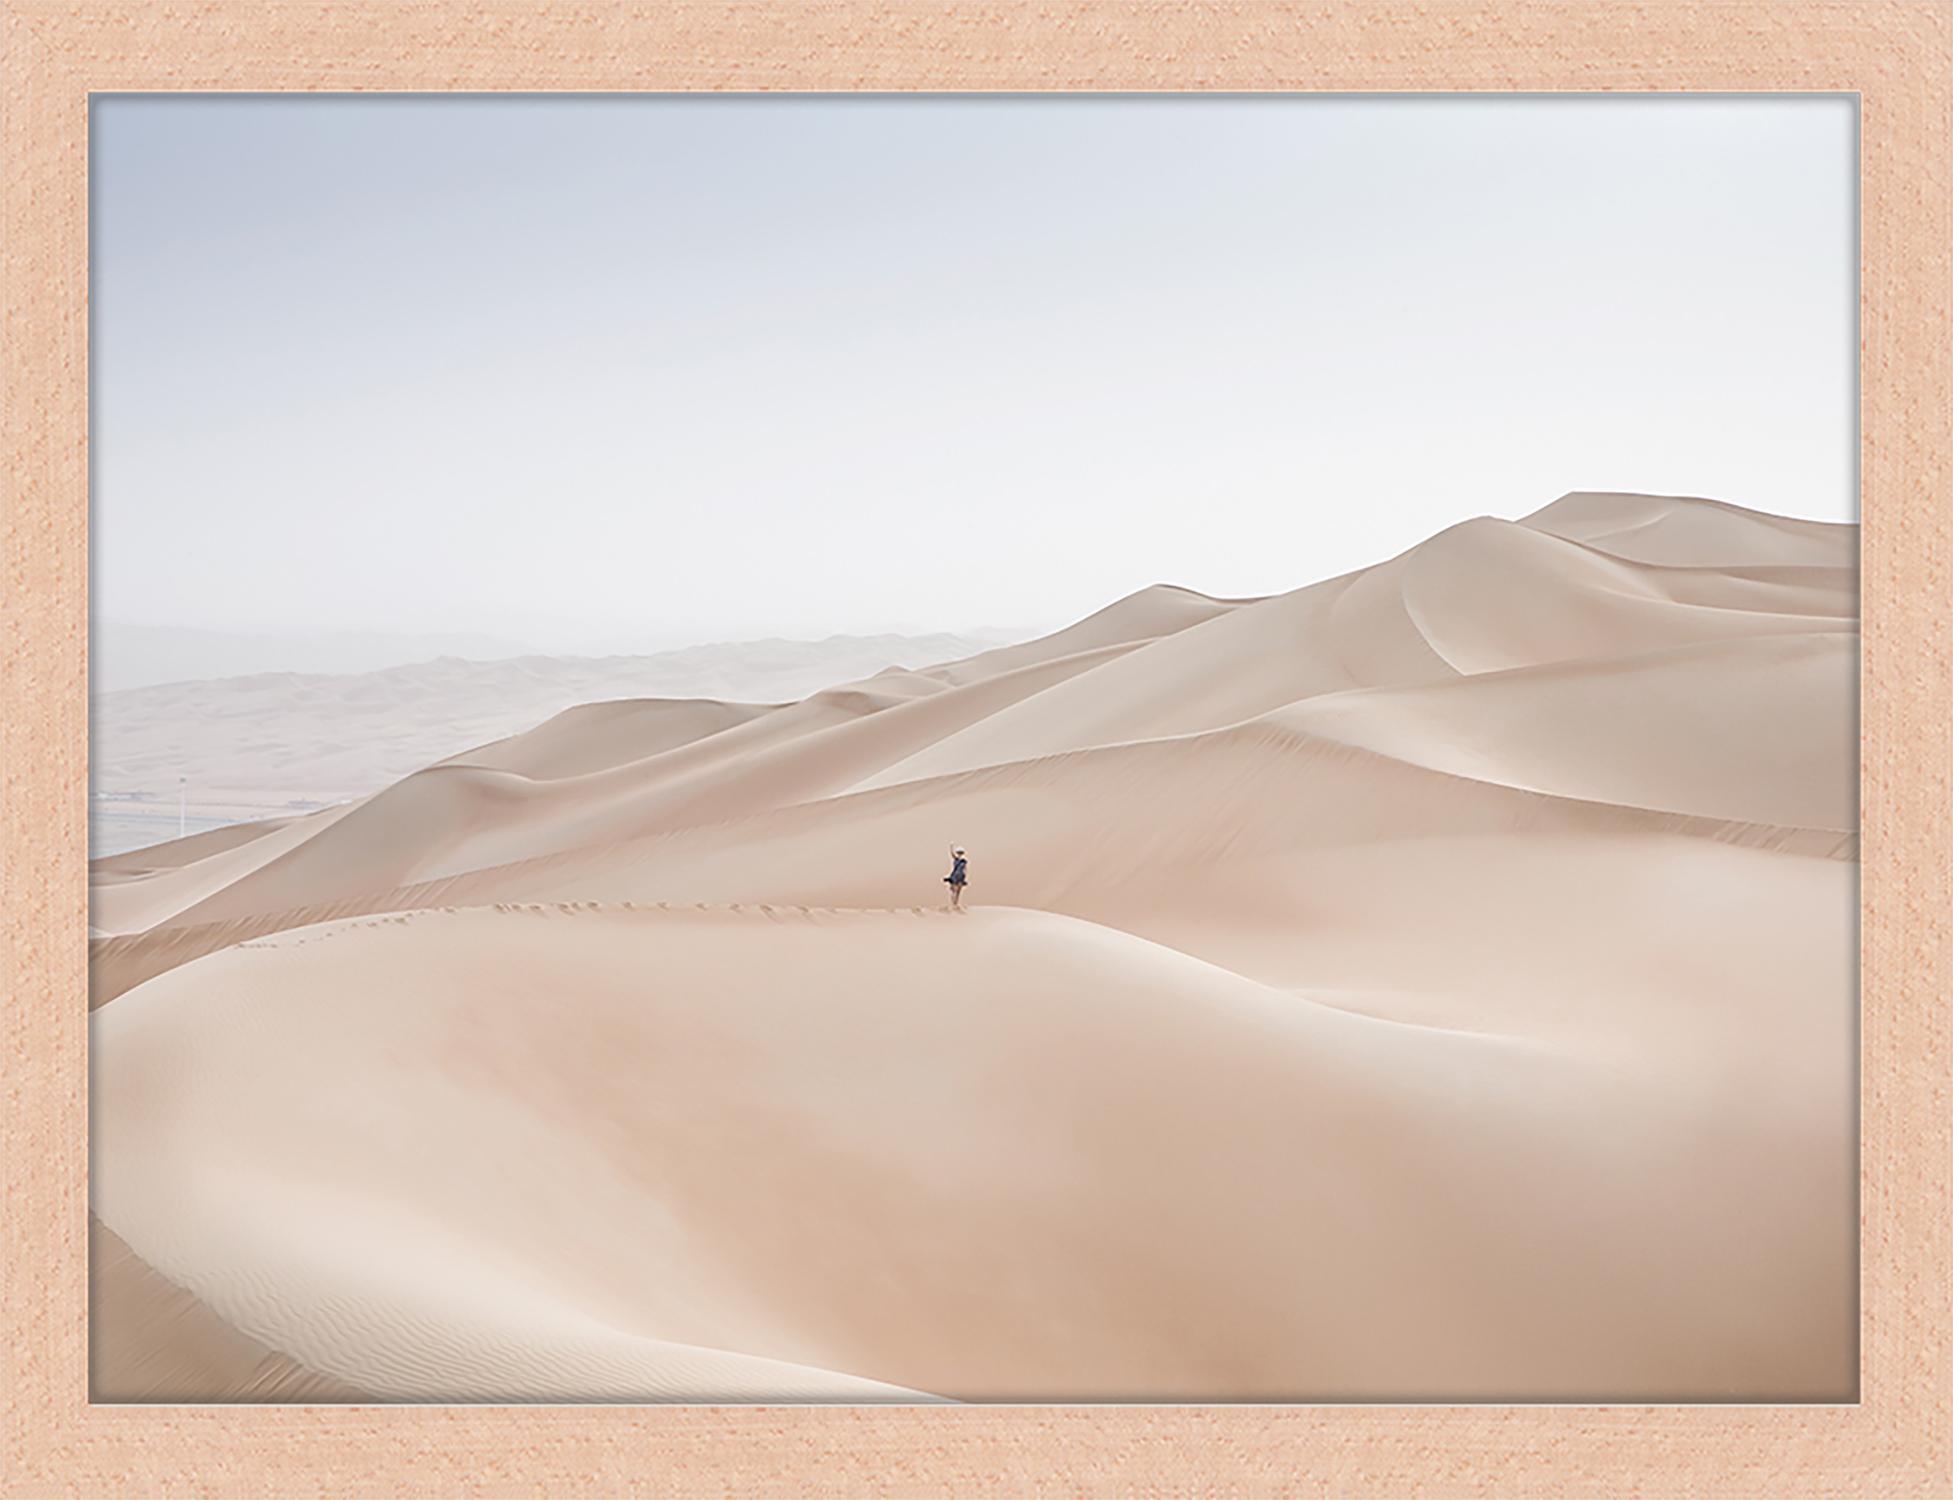 Gerahmter Digitaldruck Khali Desert, Bild: Digitaldruck auf Papier, , Rahmen: Holz, lackiert, Front: Plexiglas, Mehrfarbig, 43 x 33 cm